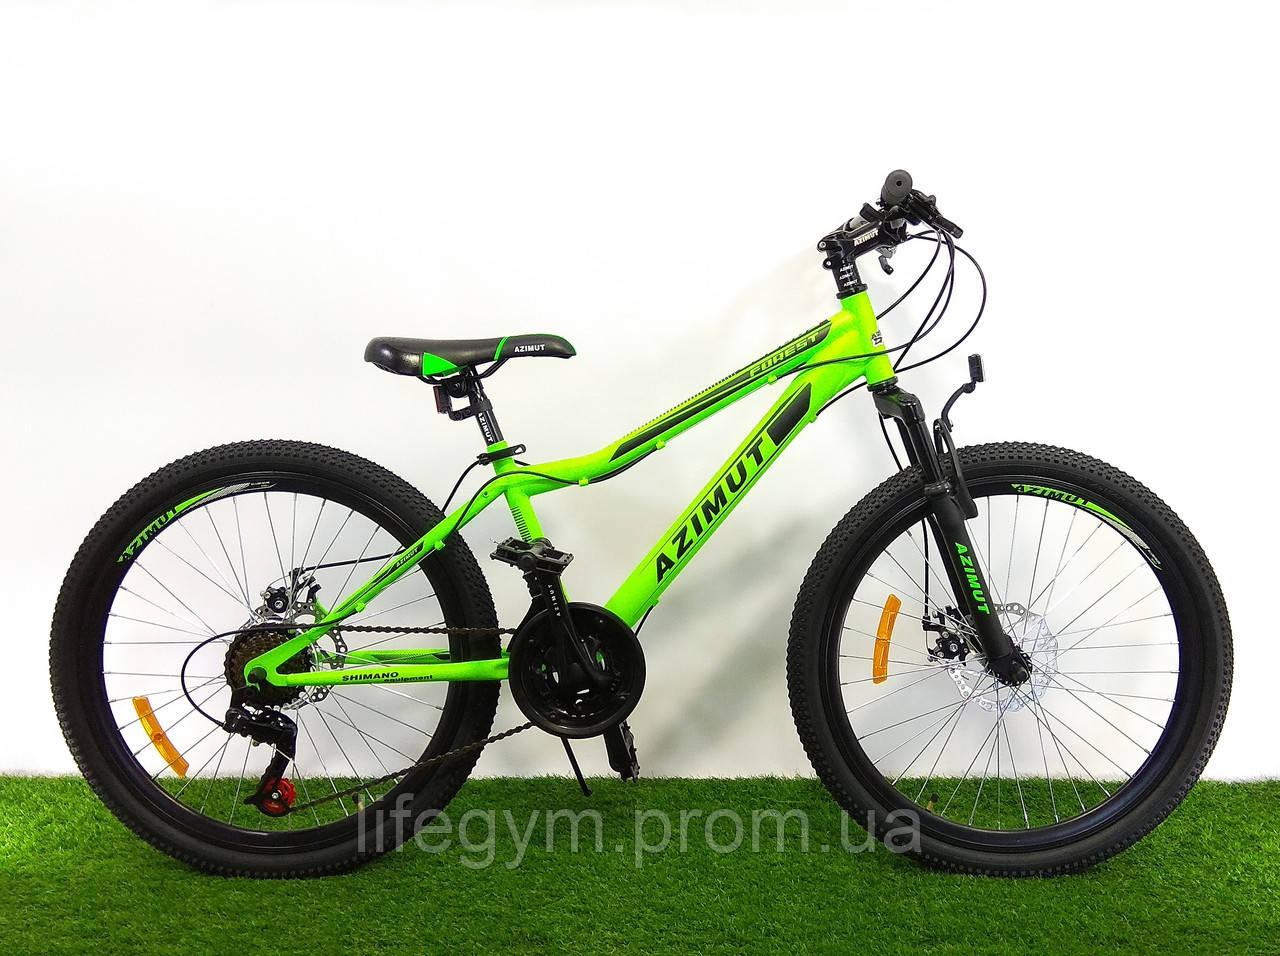 Горный велосипед Azimut Forest 26 D+ Салатово-черный